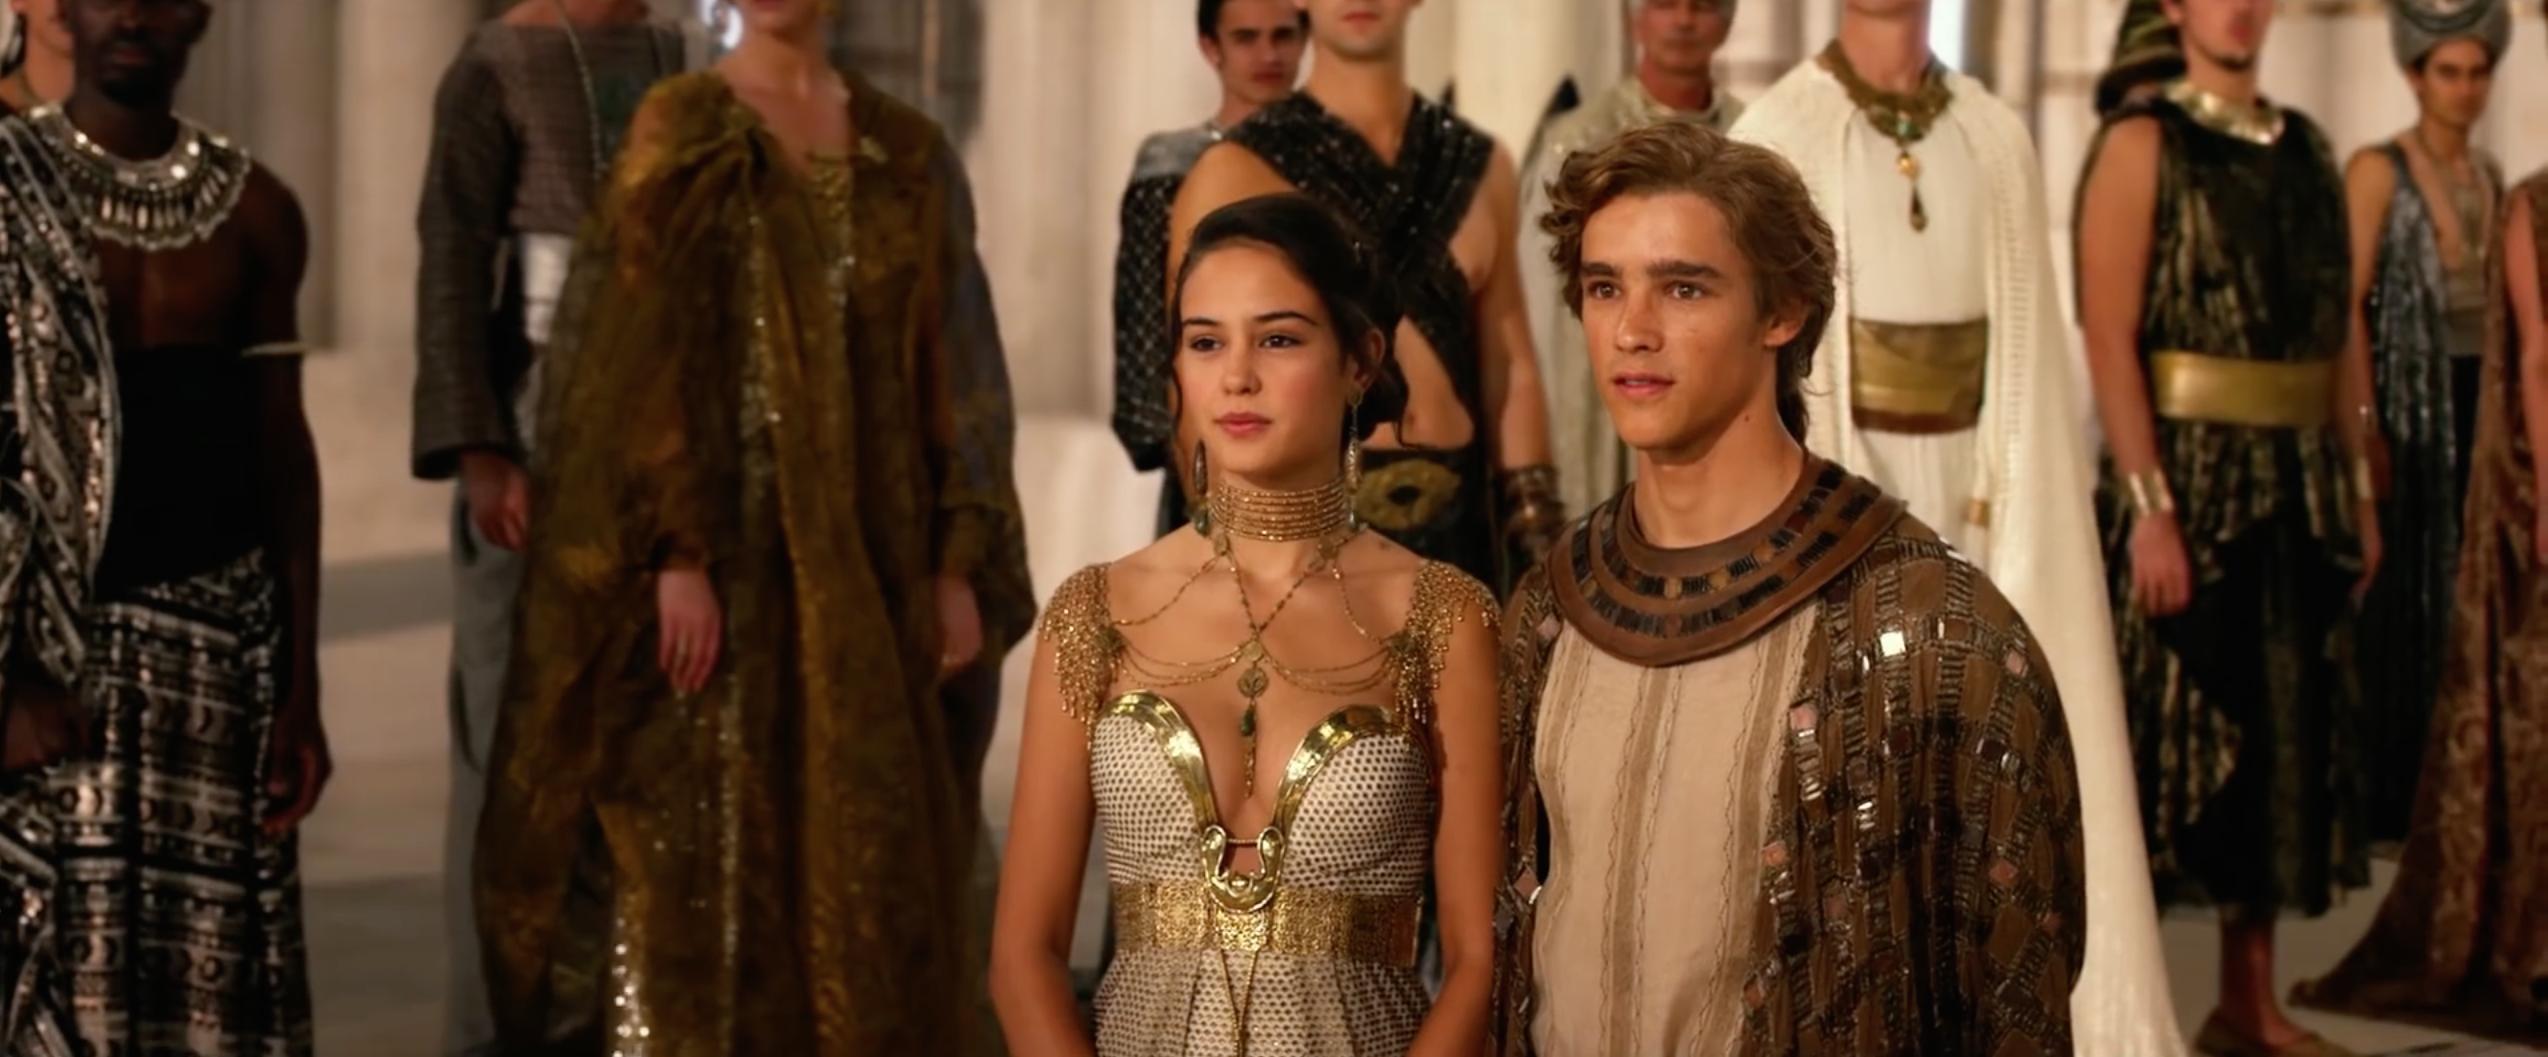 Brenton Thwaites and Courtney Eaton in Gods of Egypt (2016)